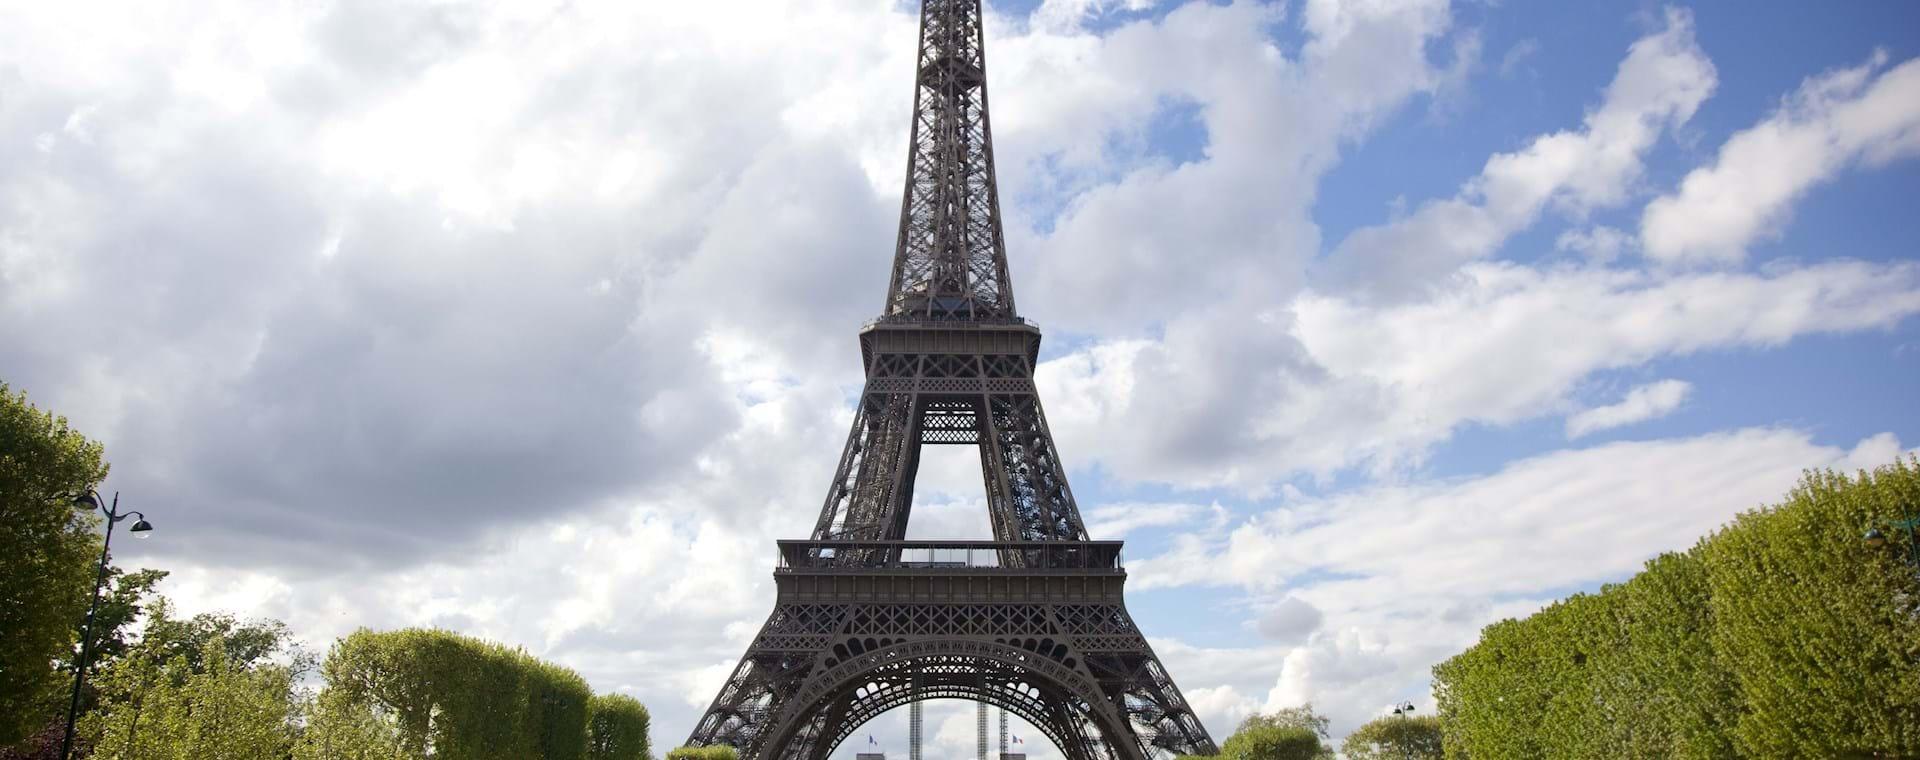 Eiffel Tower Tour & Seine River Cruise